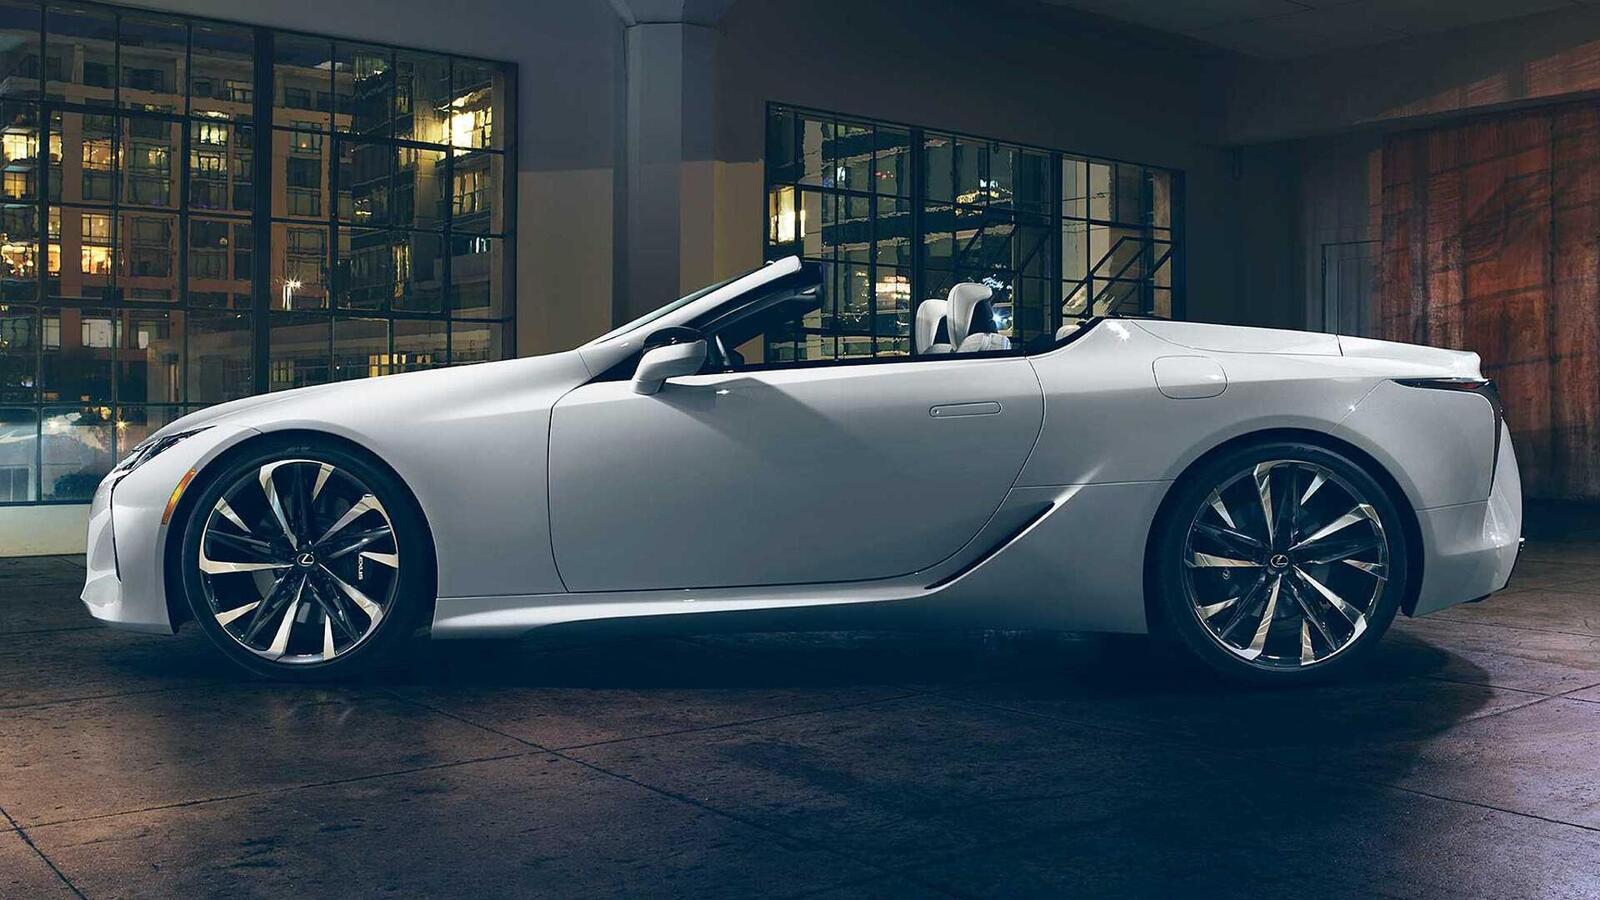 Lexus LC Convertible Concept 2020 sắp ra mắt tại Triển Lãm ô tô Quốc Tế Bắc Mỹ 2019 - Hình 5